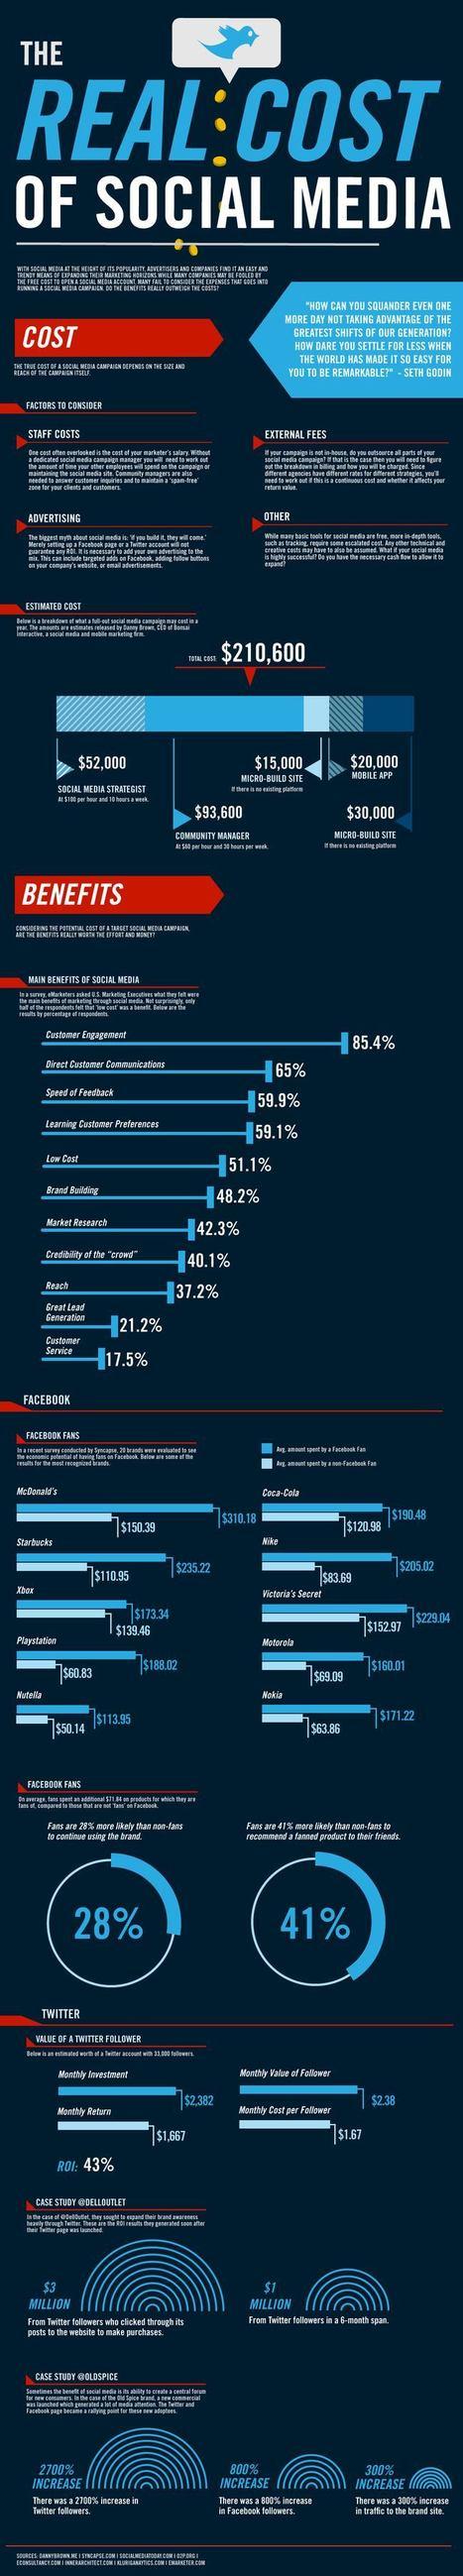 [infographie] le vrai coût des médias sociaux | Blog du modérateur | Social Media Curation par Mon Habitat Web | Scoop.it